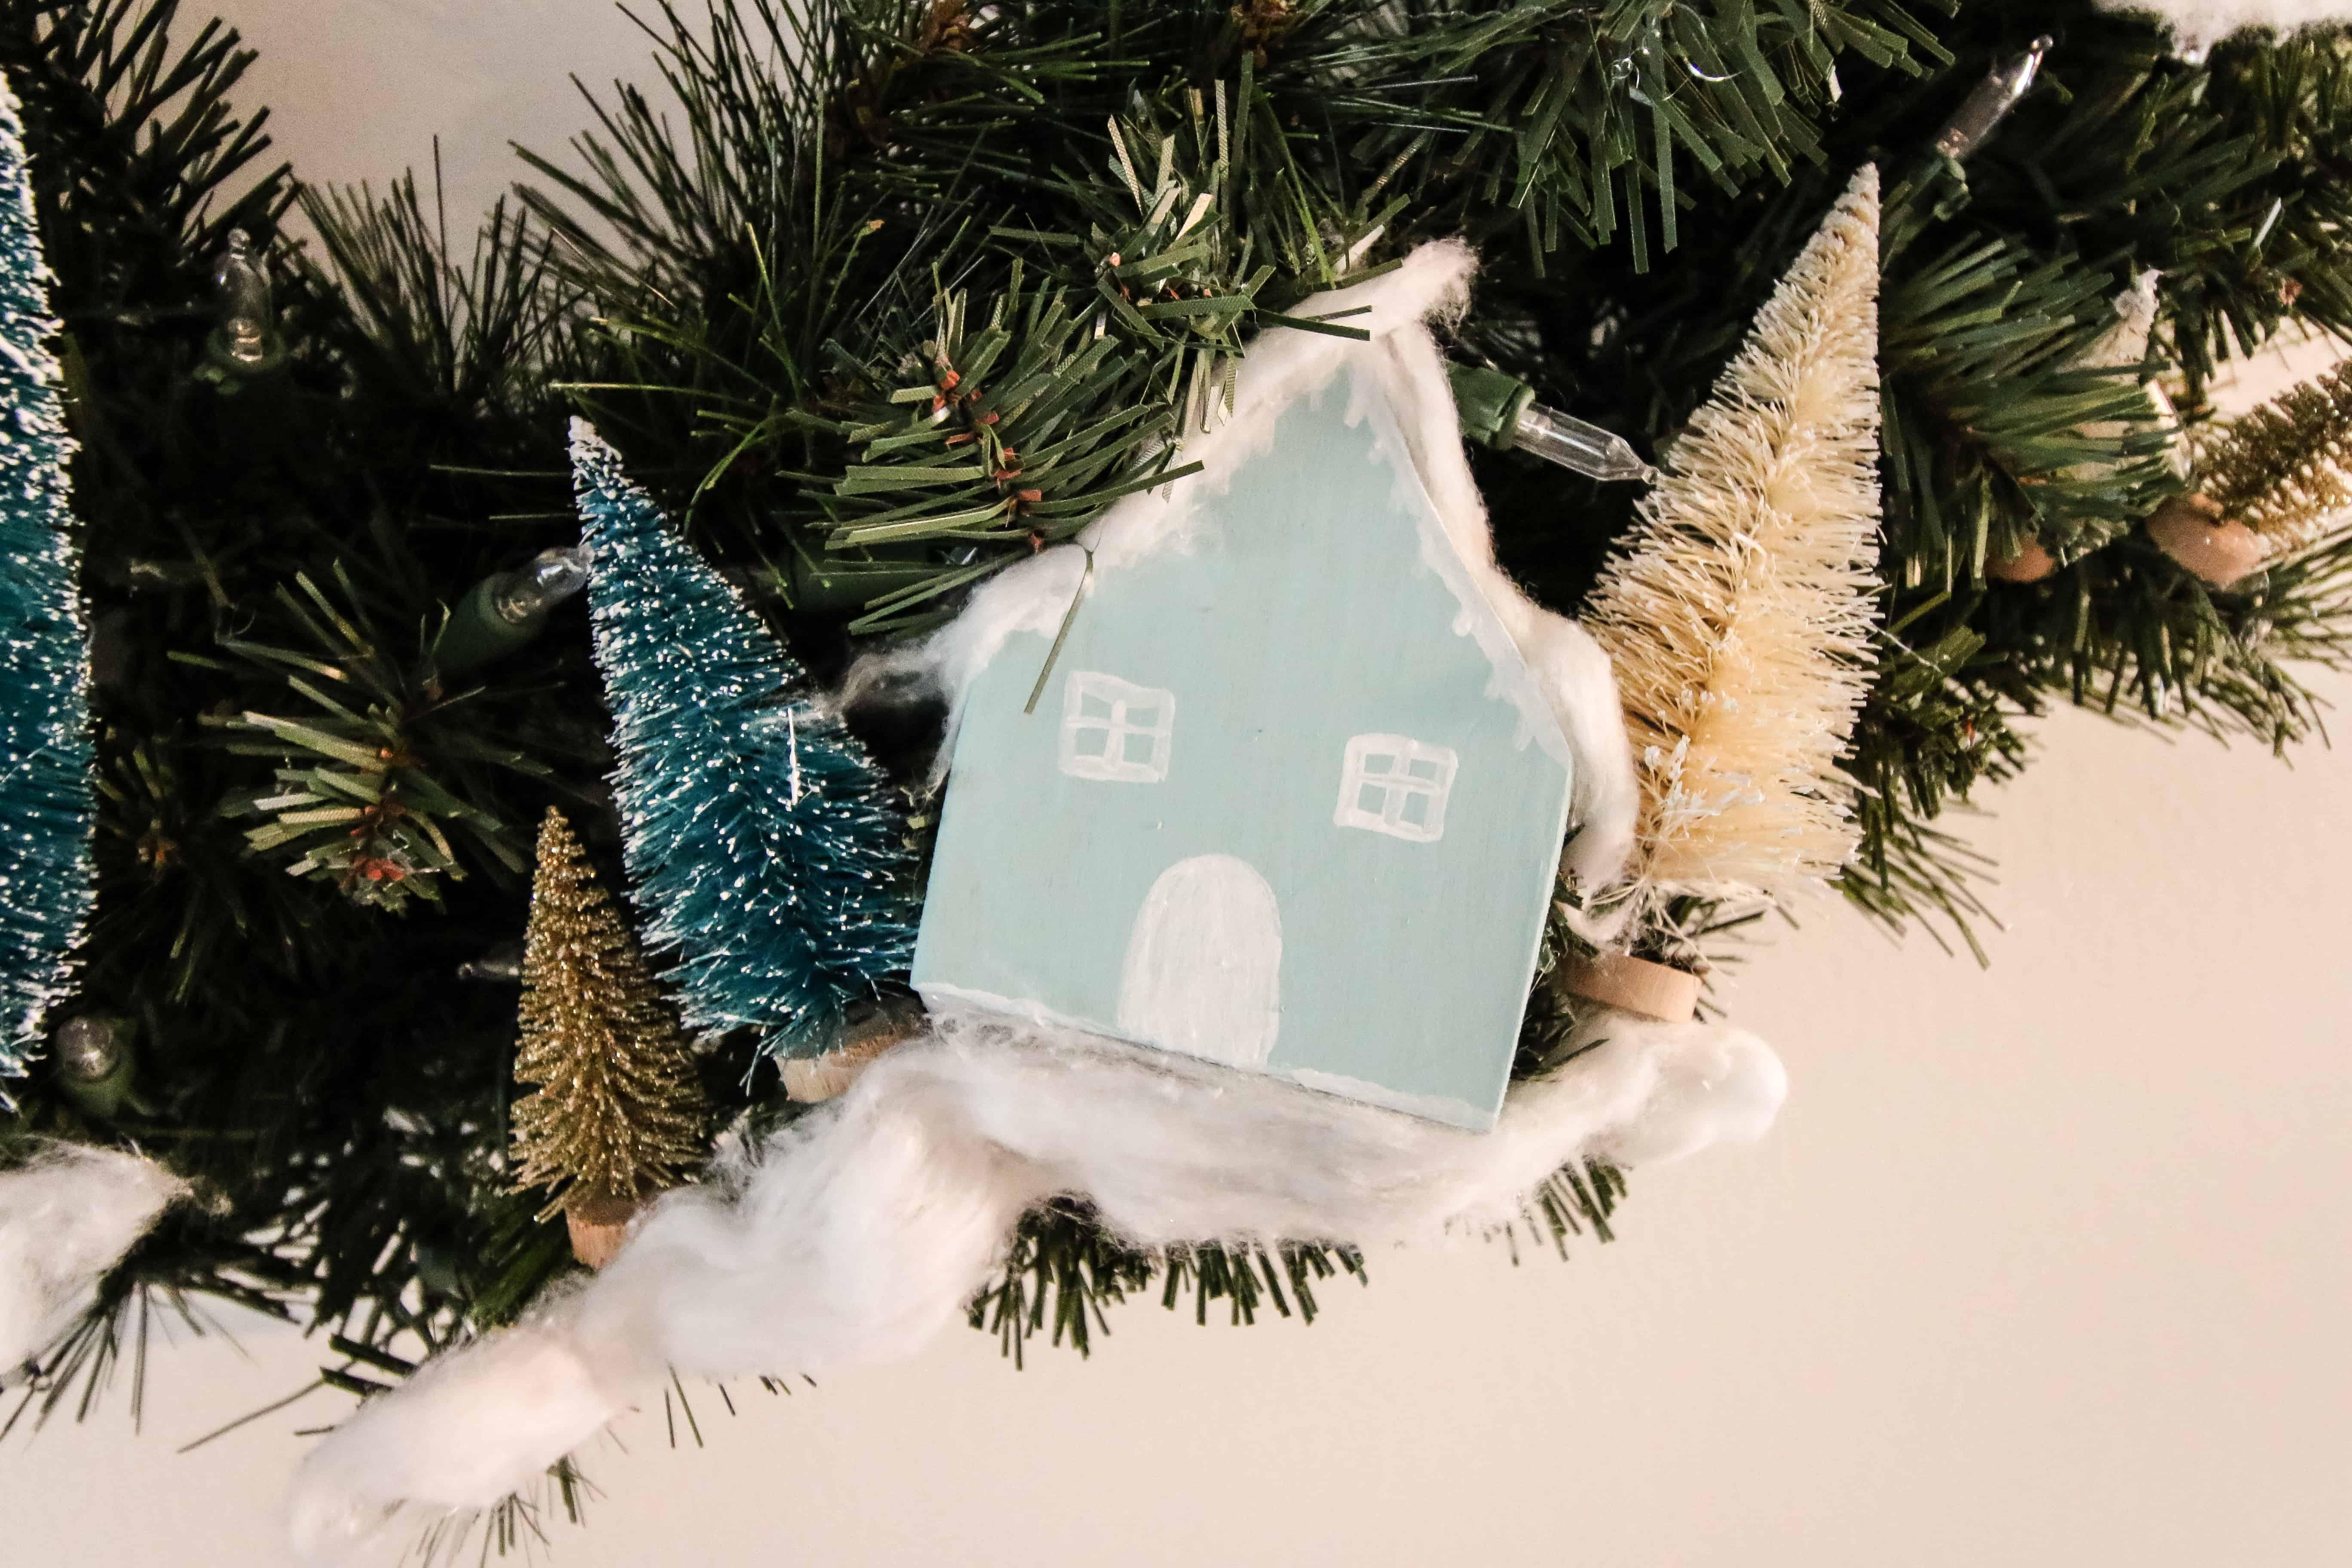 DIY Bottle Brush & Wooden House Christmas Wreath